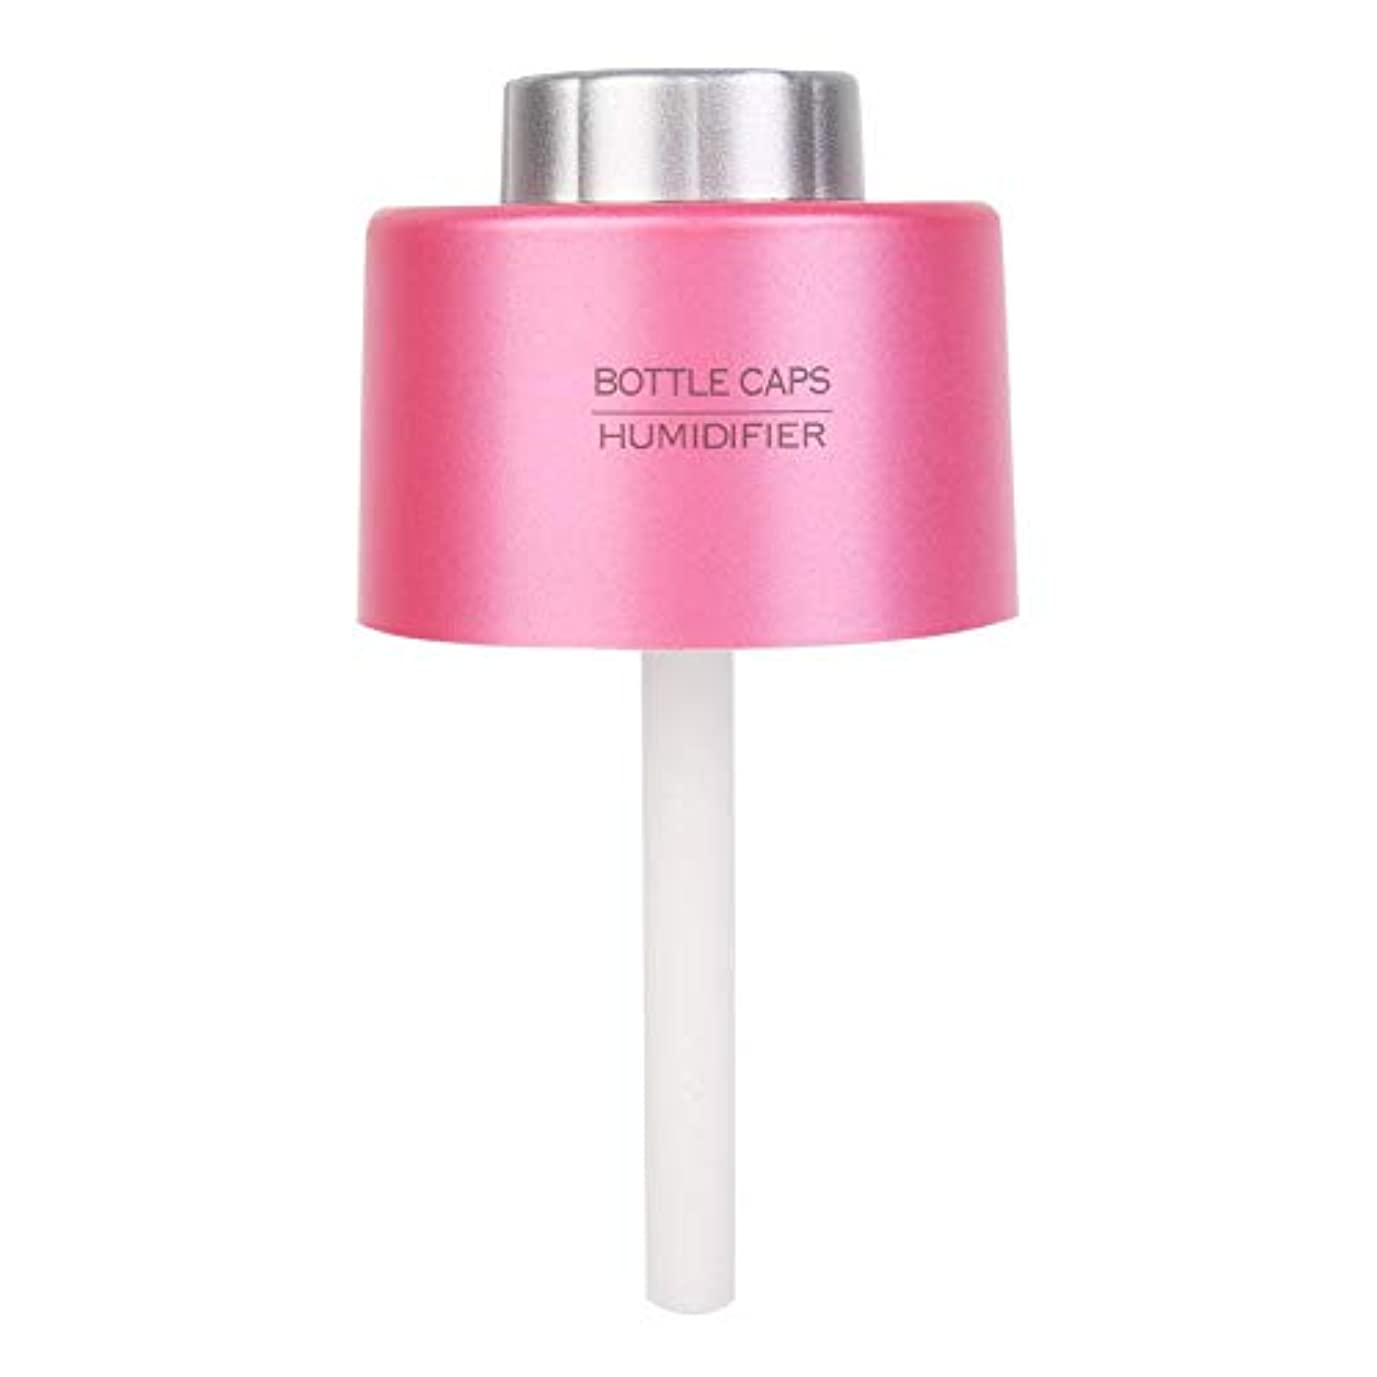 今までうっかりスタイルポータブルミニウォーターボトルキャップ加湿器アロマエアディフューザーミストメーカーUSB(ピンク)